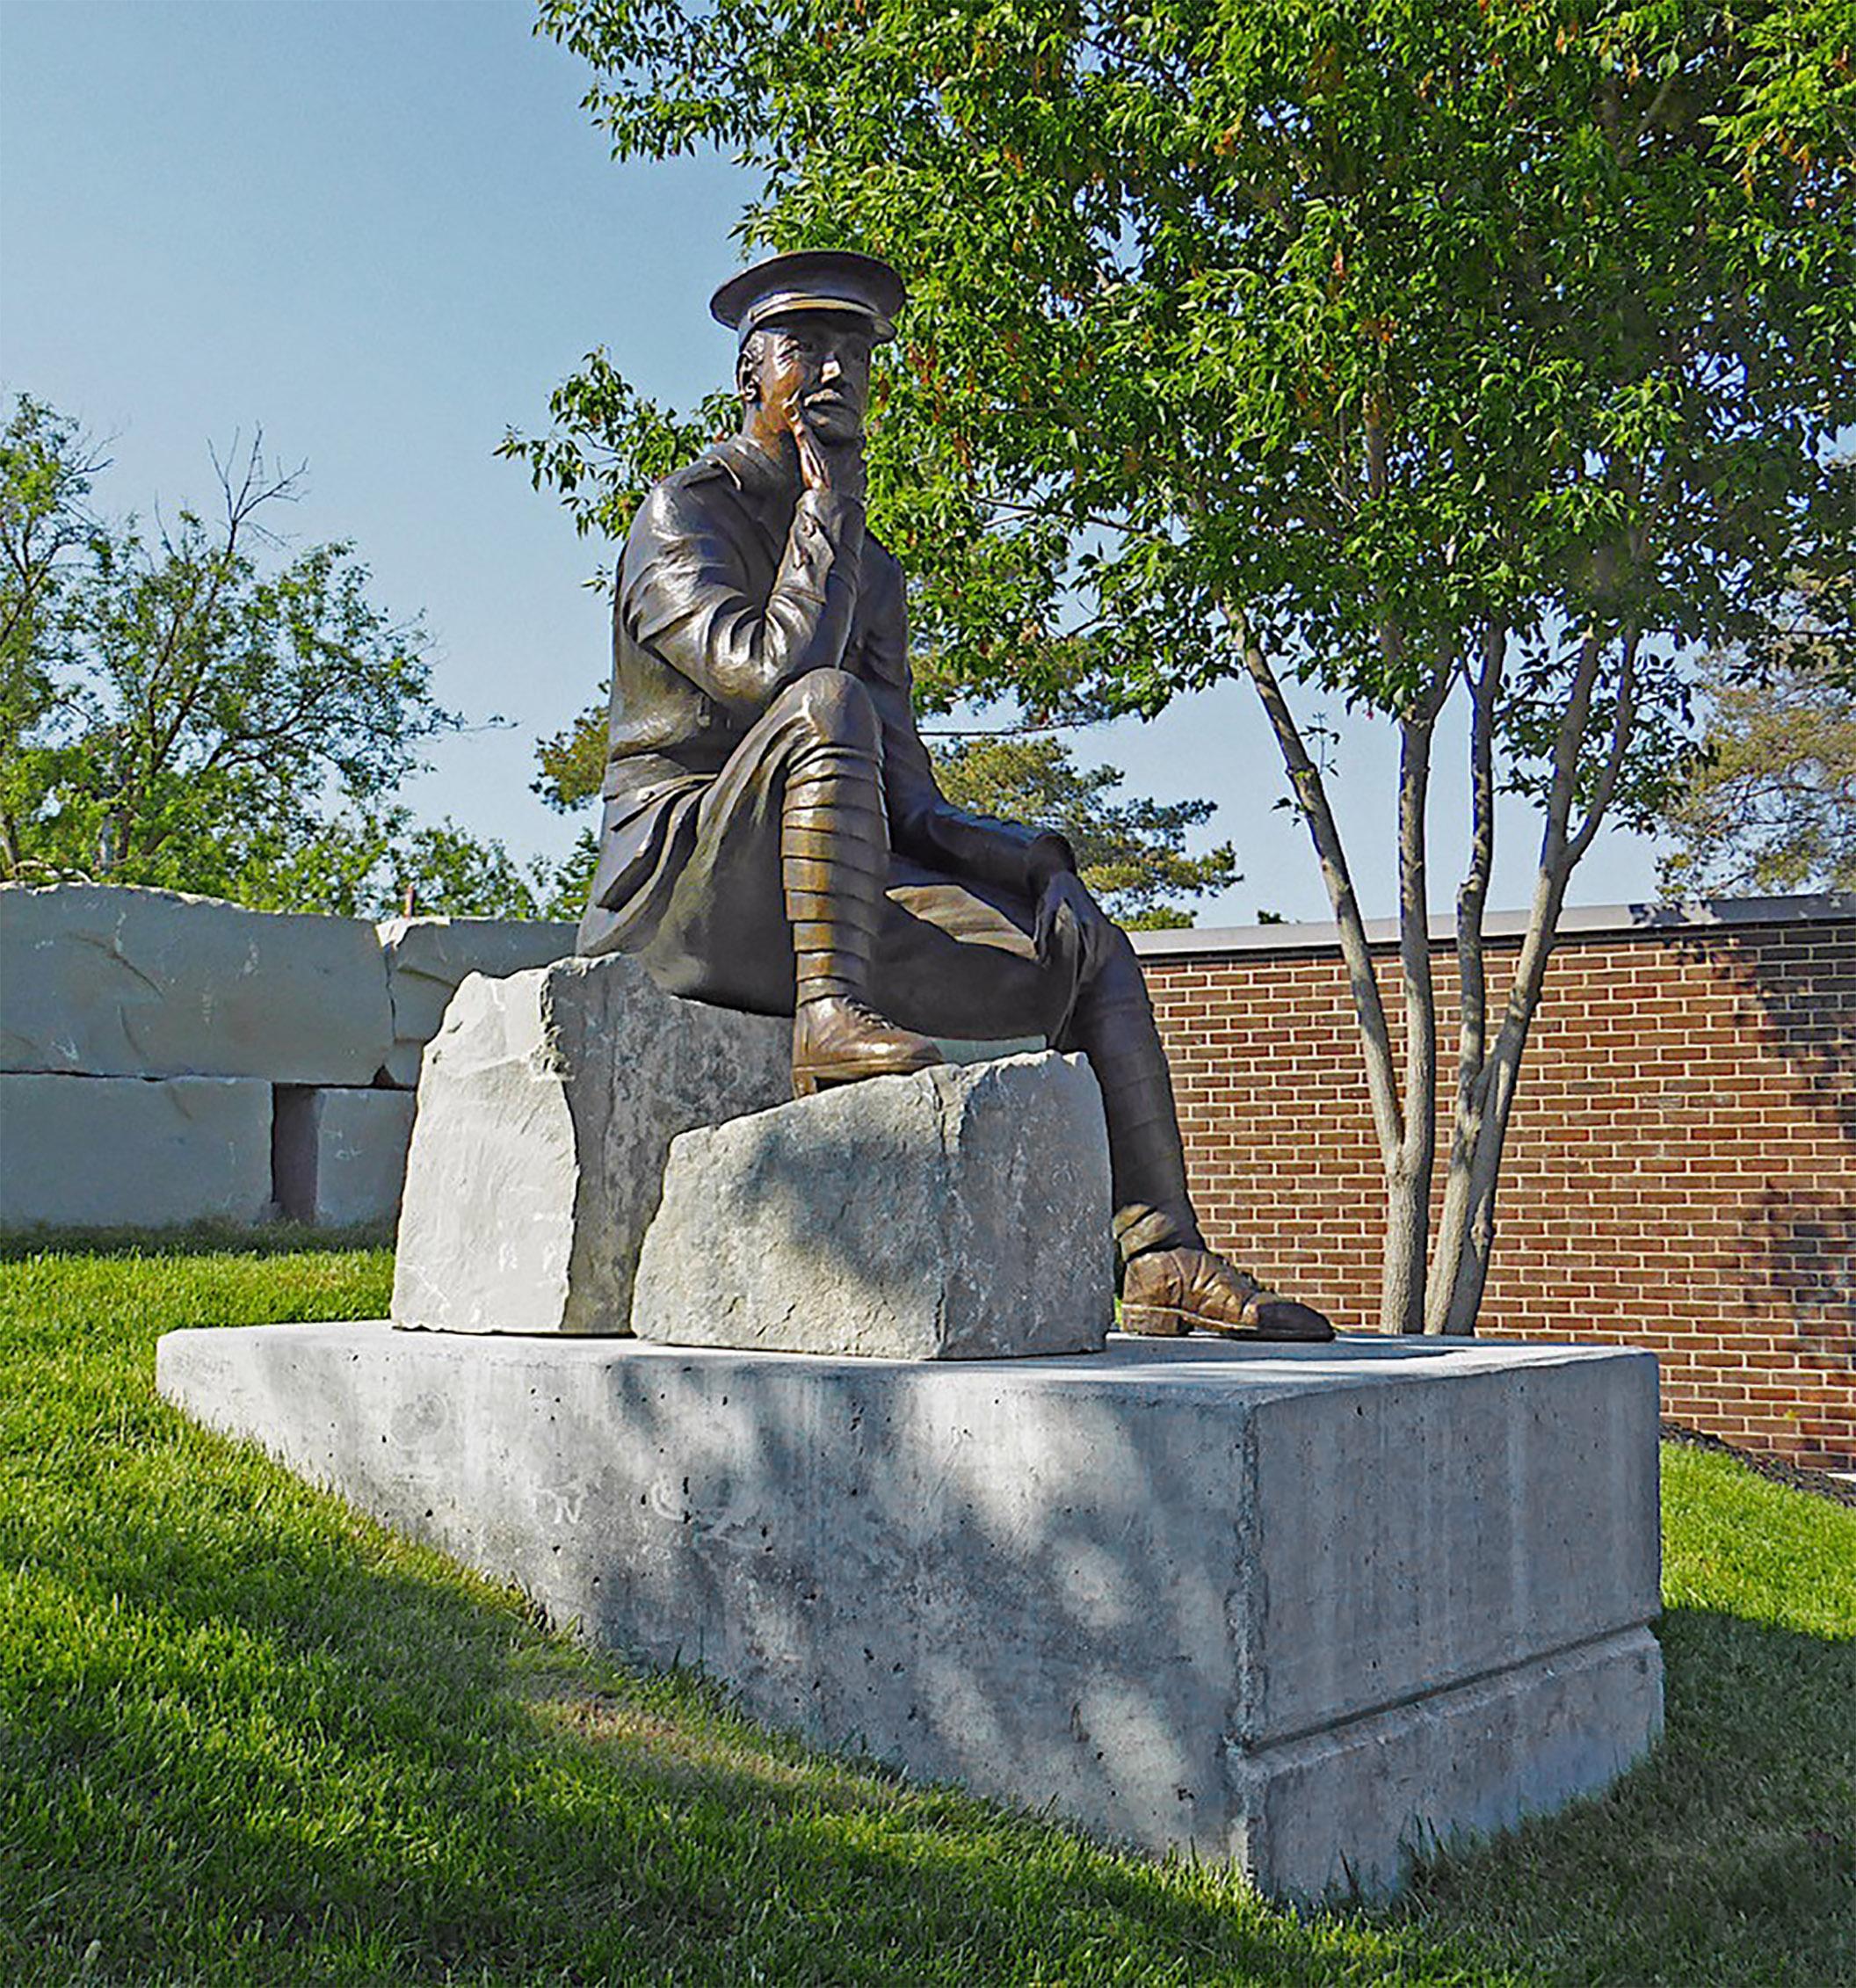 Wynn statue